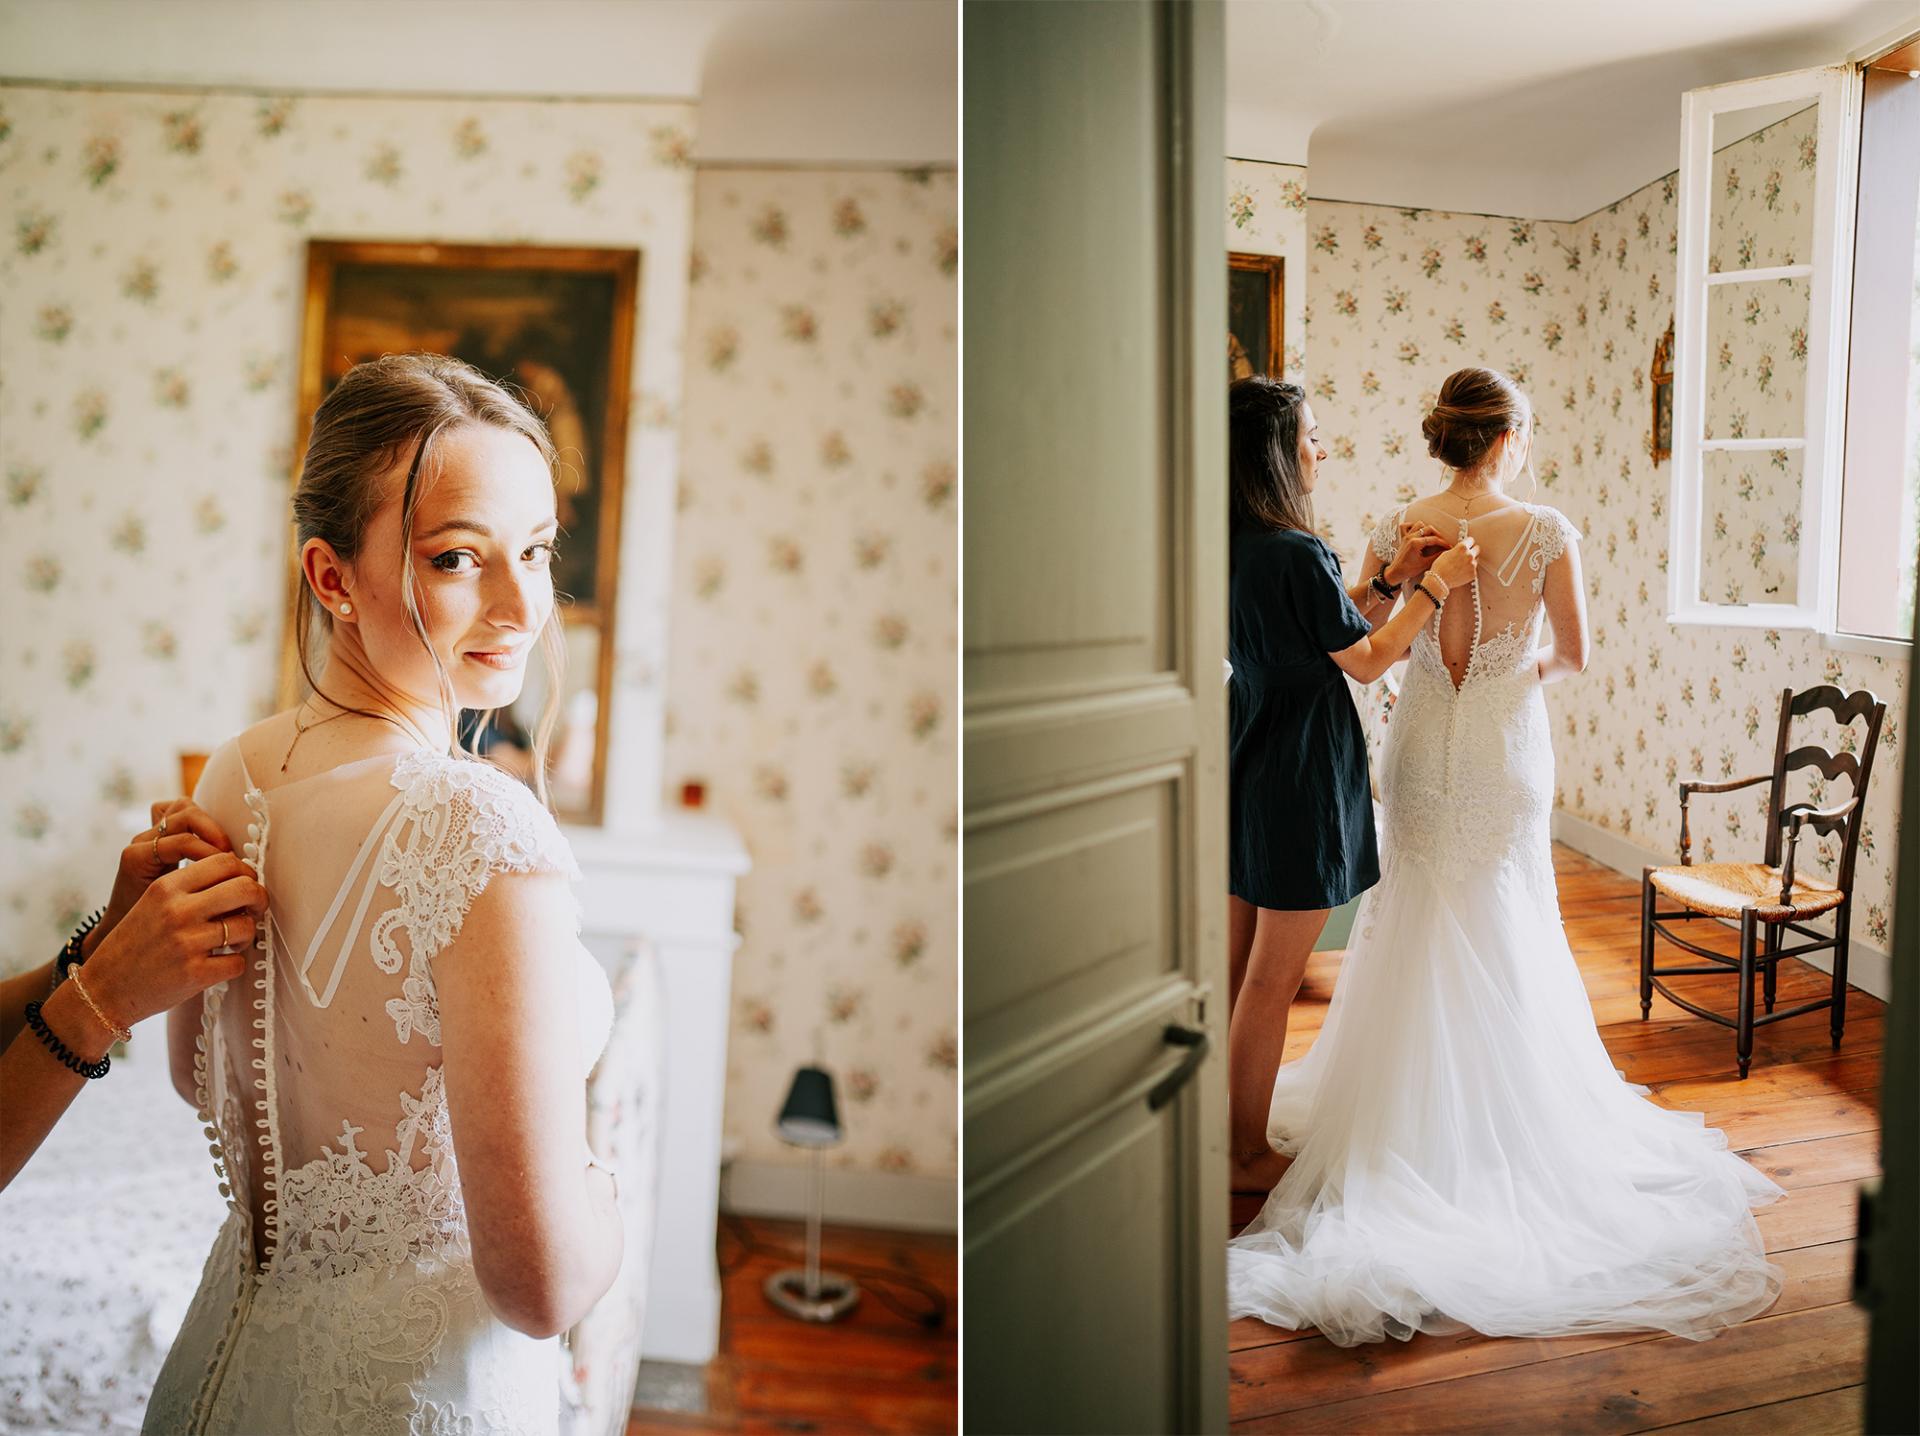 5 photographe landes dax mariage allison micallef robe de mariee